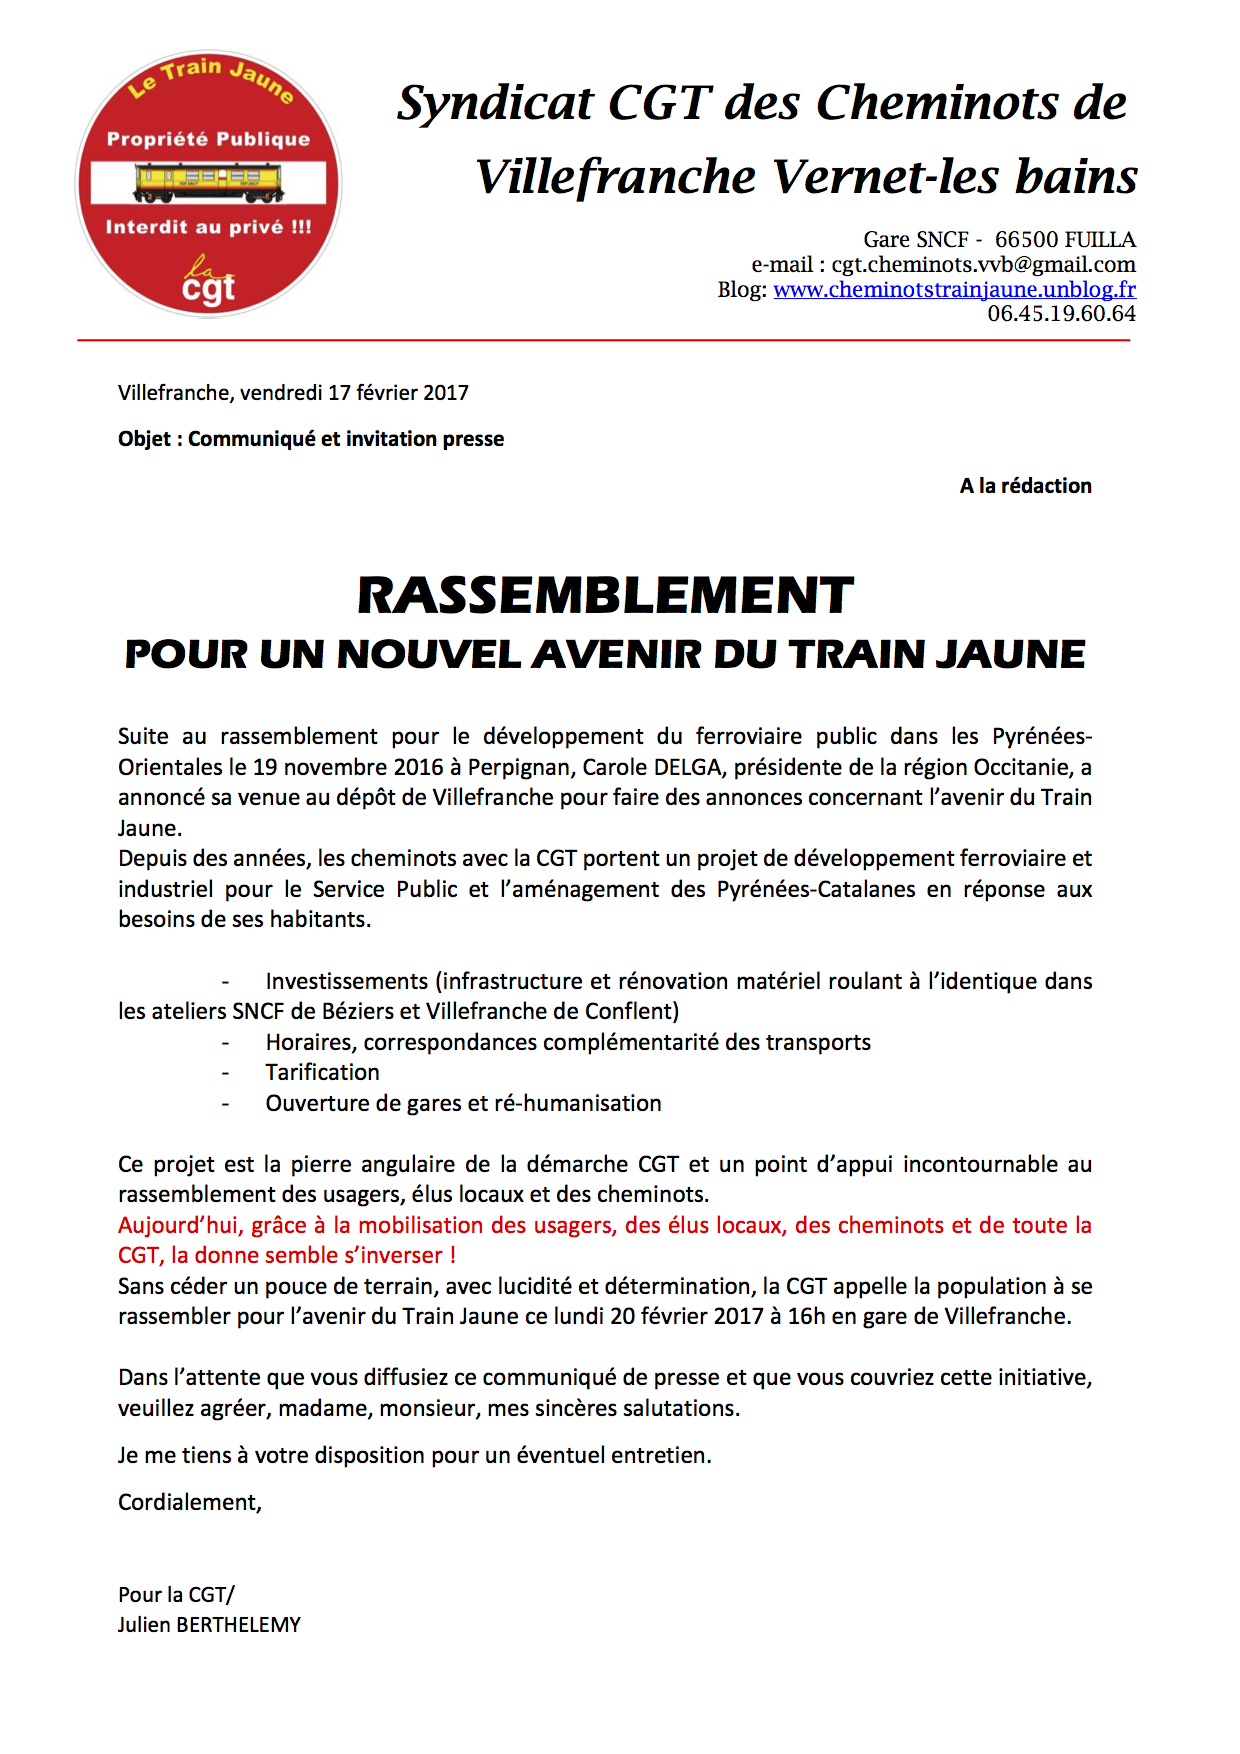 Train Jaune Rassemblement Devant La Gare De Villefranche Pcf Fr